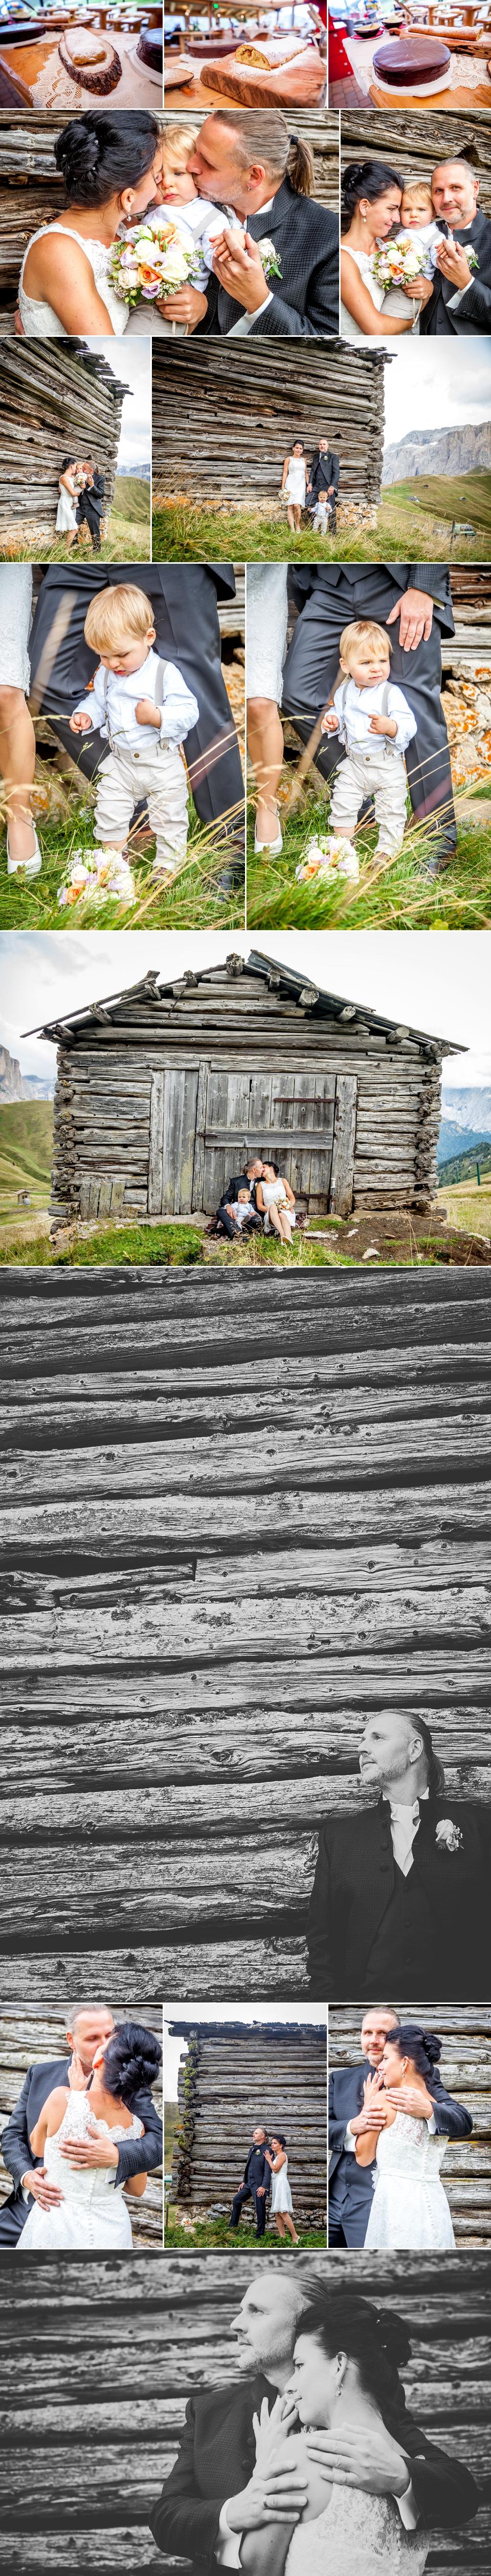 1-1 Traumhochzeit in Südtirol... Wolkenstein/ Berghochzeit auf der Salei Hütte- Hochzeitsfotografie Italien hochzeitsreportagen hochzeit-im-urlaub